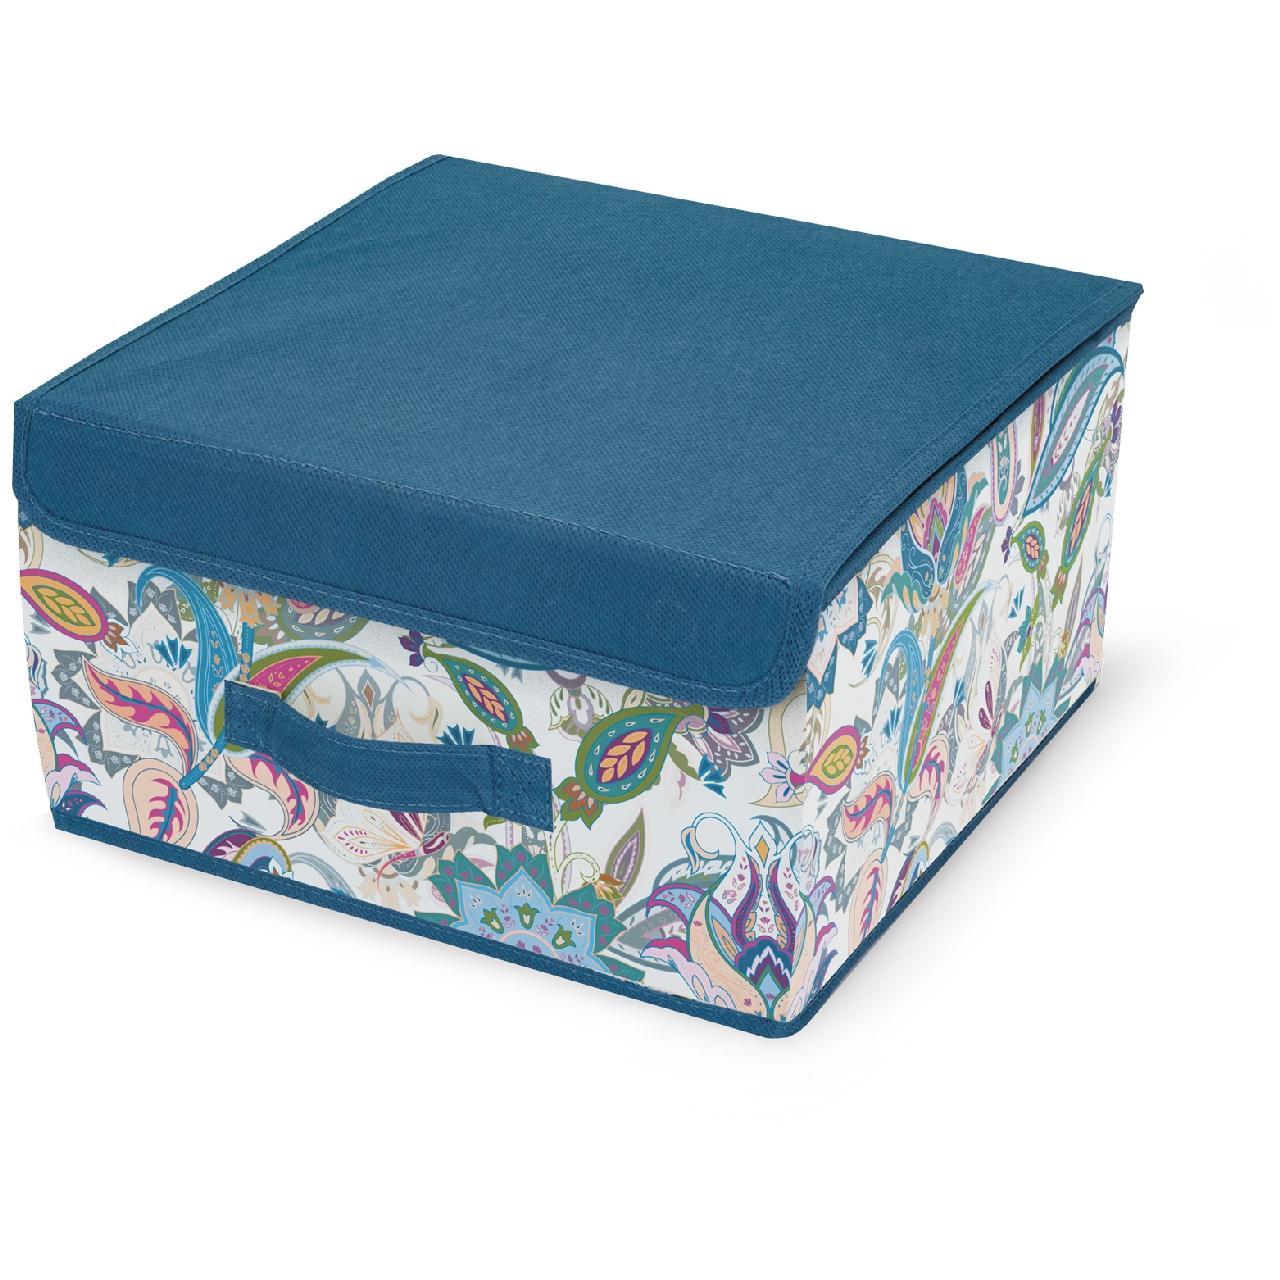 Кофр для хранения Hausmann 30х30х16 см, синий/принт hausmann кофр для хранения hm 6a 202 60x45x30 см серый